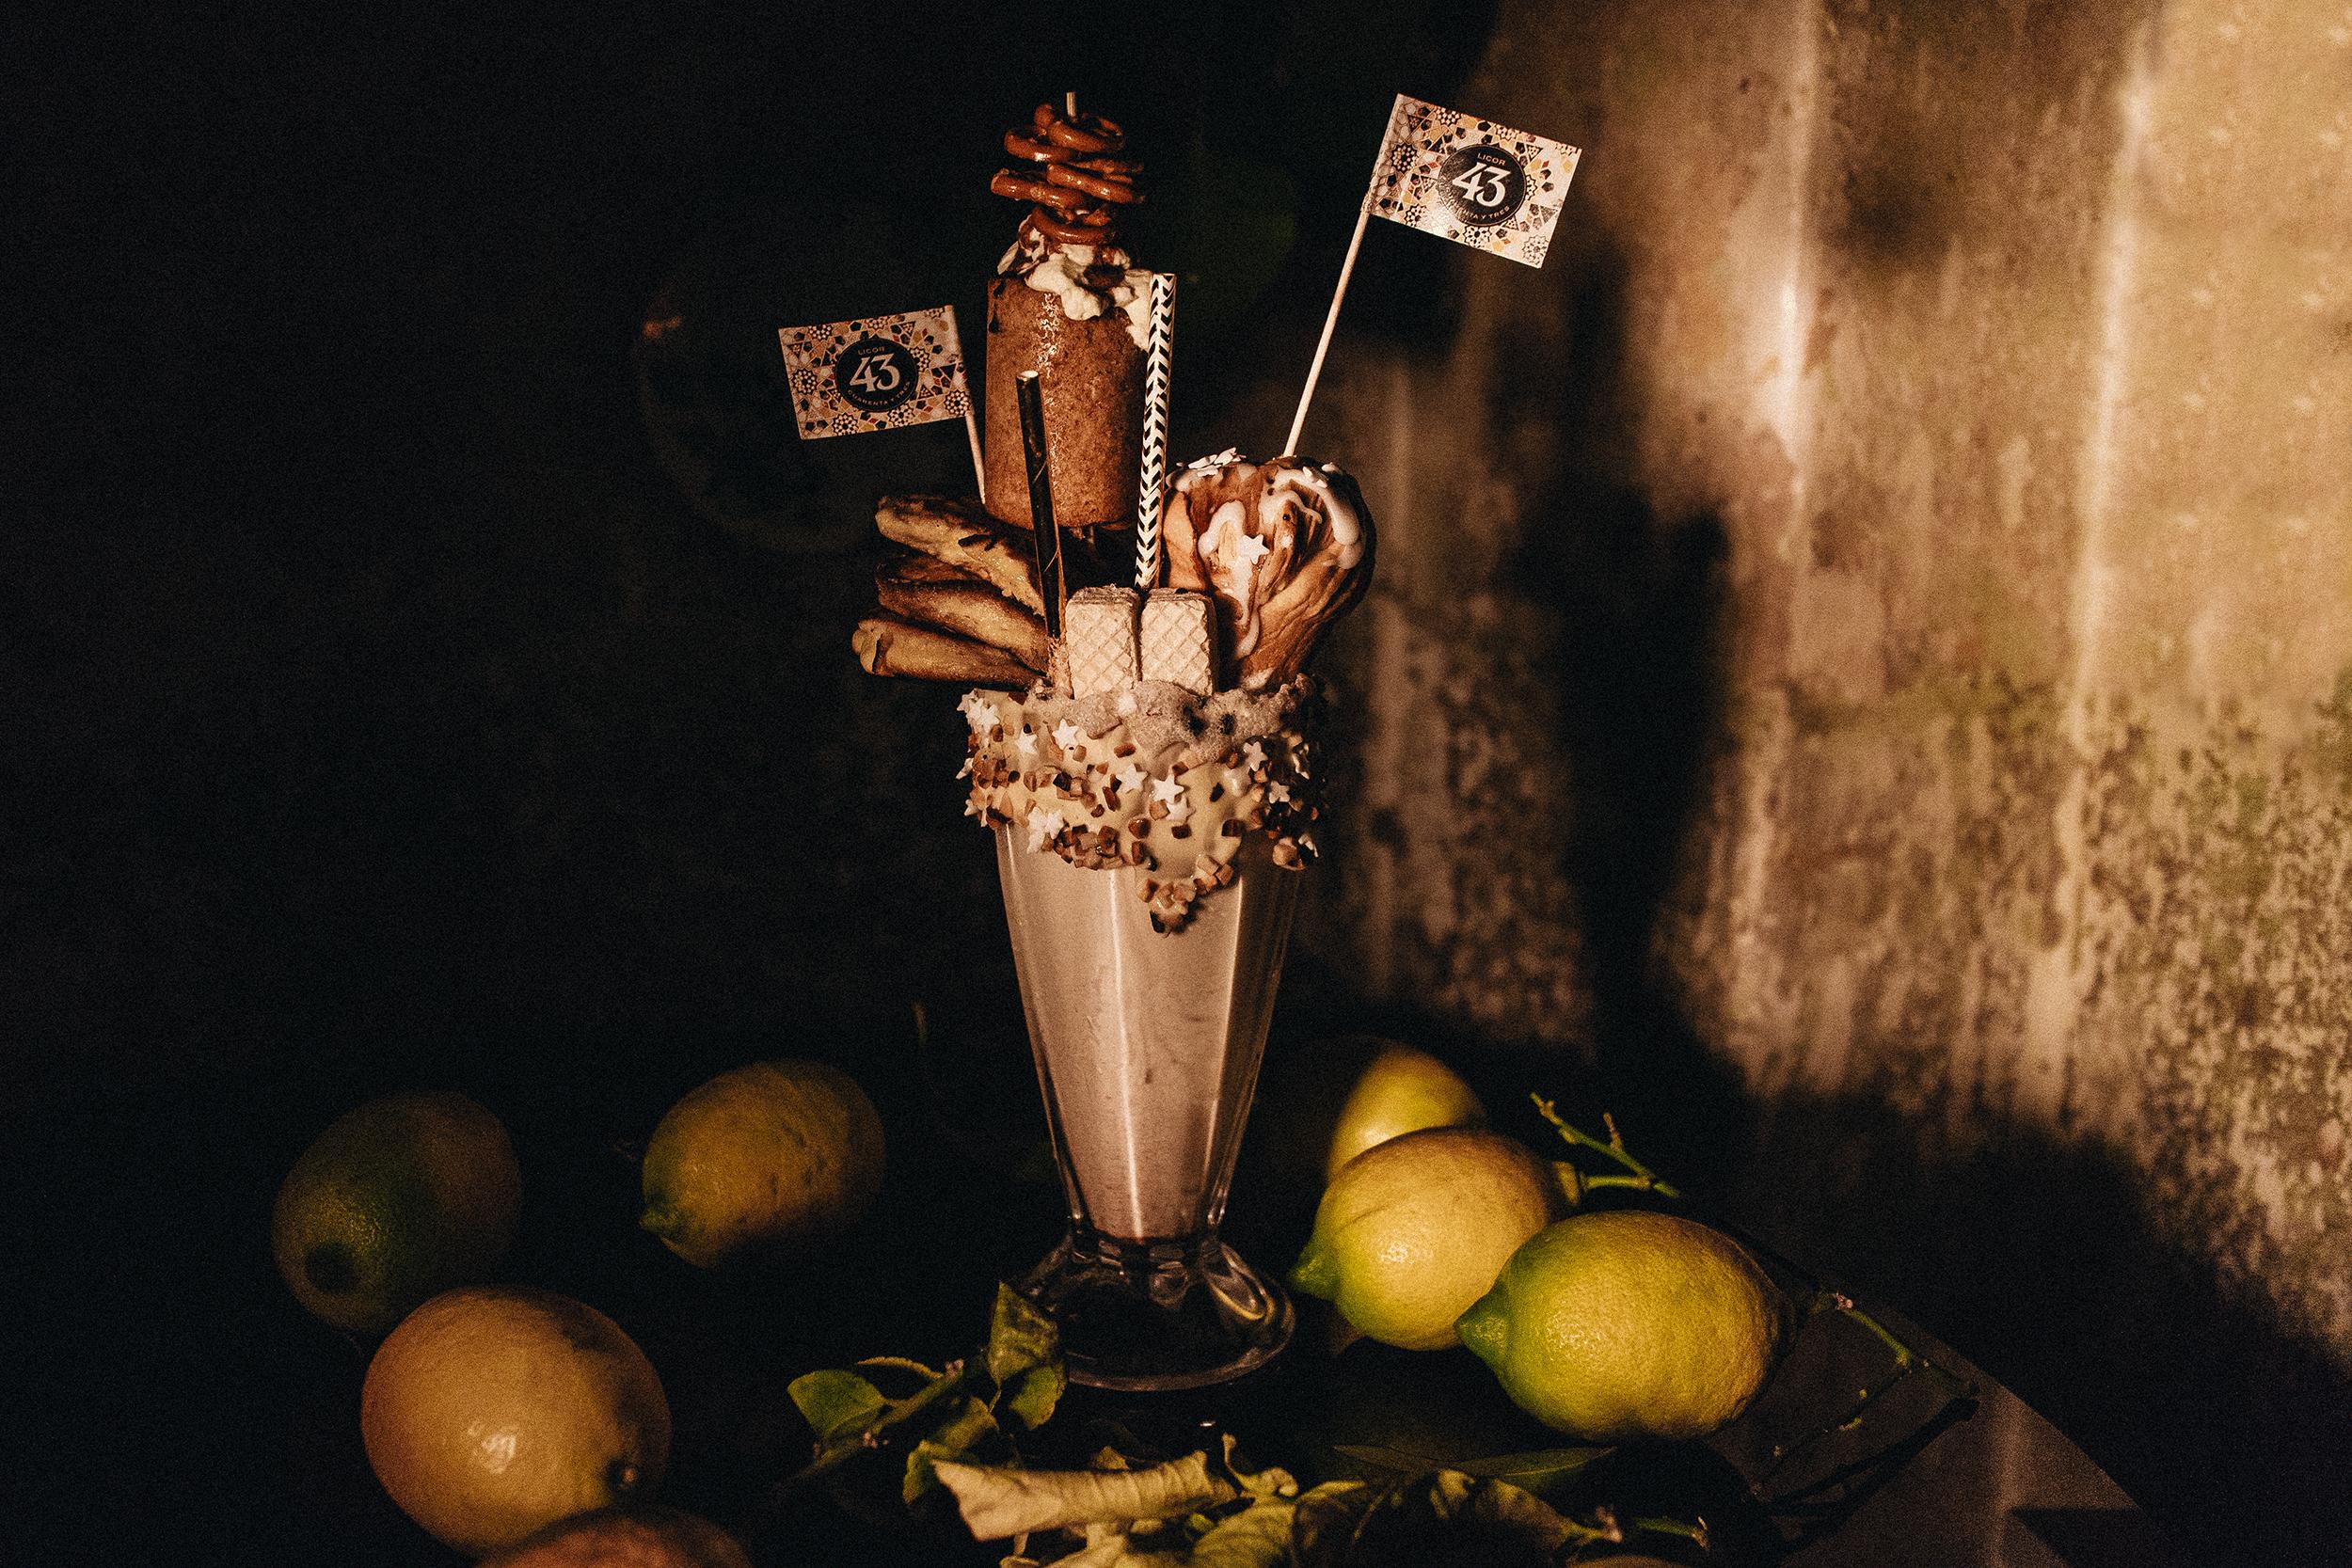 Cruffin mit Licor 43 Orochata-Ganache und Zitronen-Zimt-Glasur Rezept & Freakshake Inspiration / Milkshake Inspiration für die Vorweihnachtliche Zeit – iHeartAlice.com / Lifestyle, Food & Travelblog by Alice M. Huynh